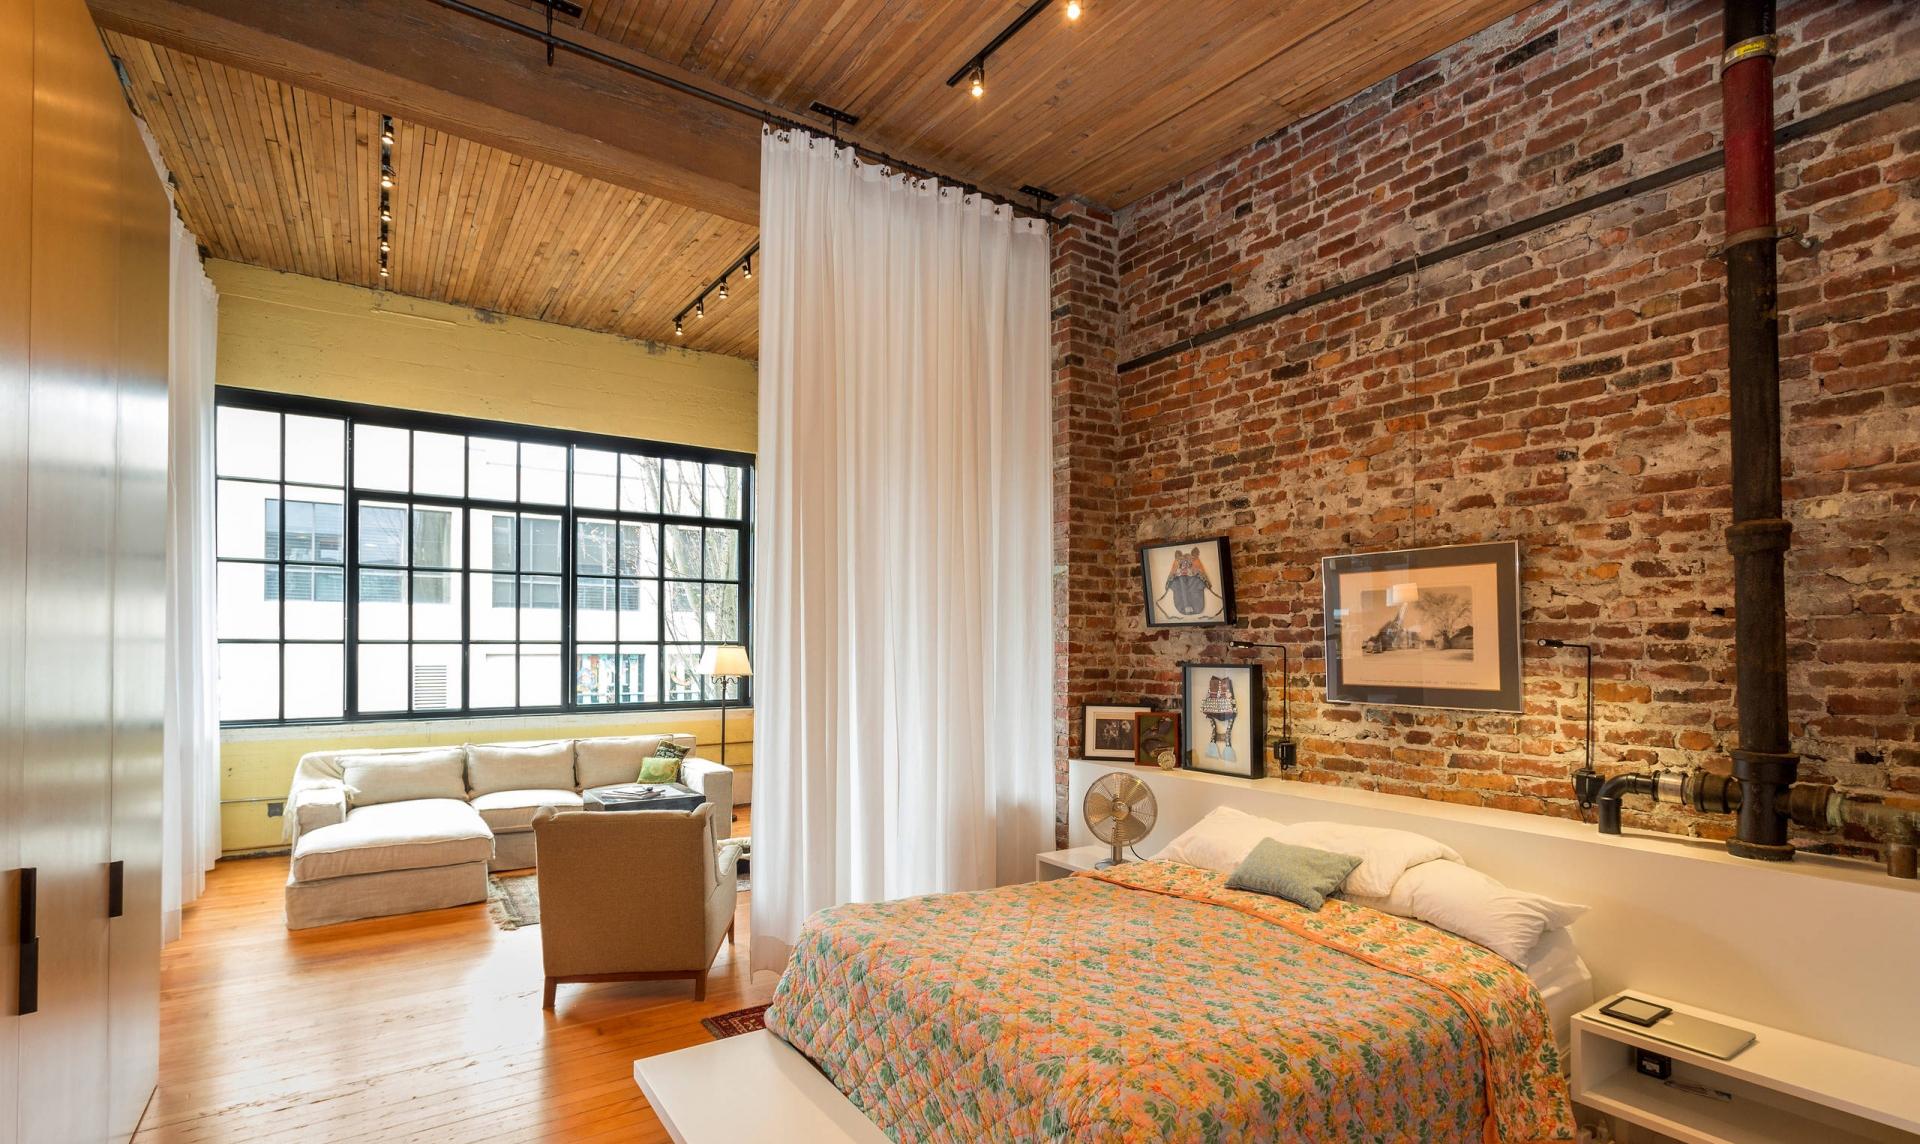 Спальня в индустриальном стиле с кирпичной стеной